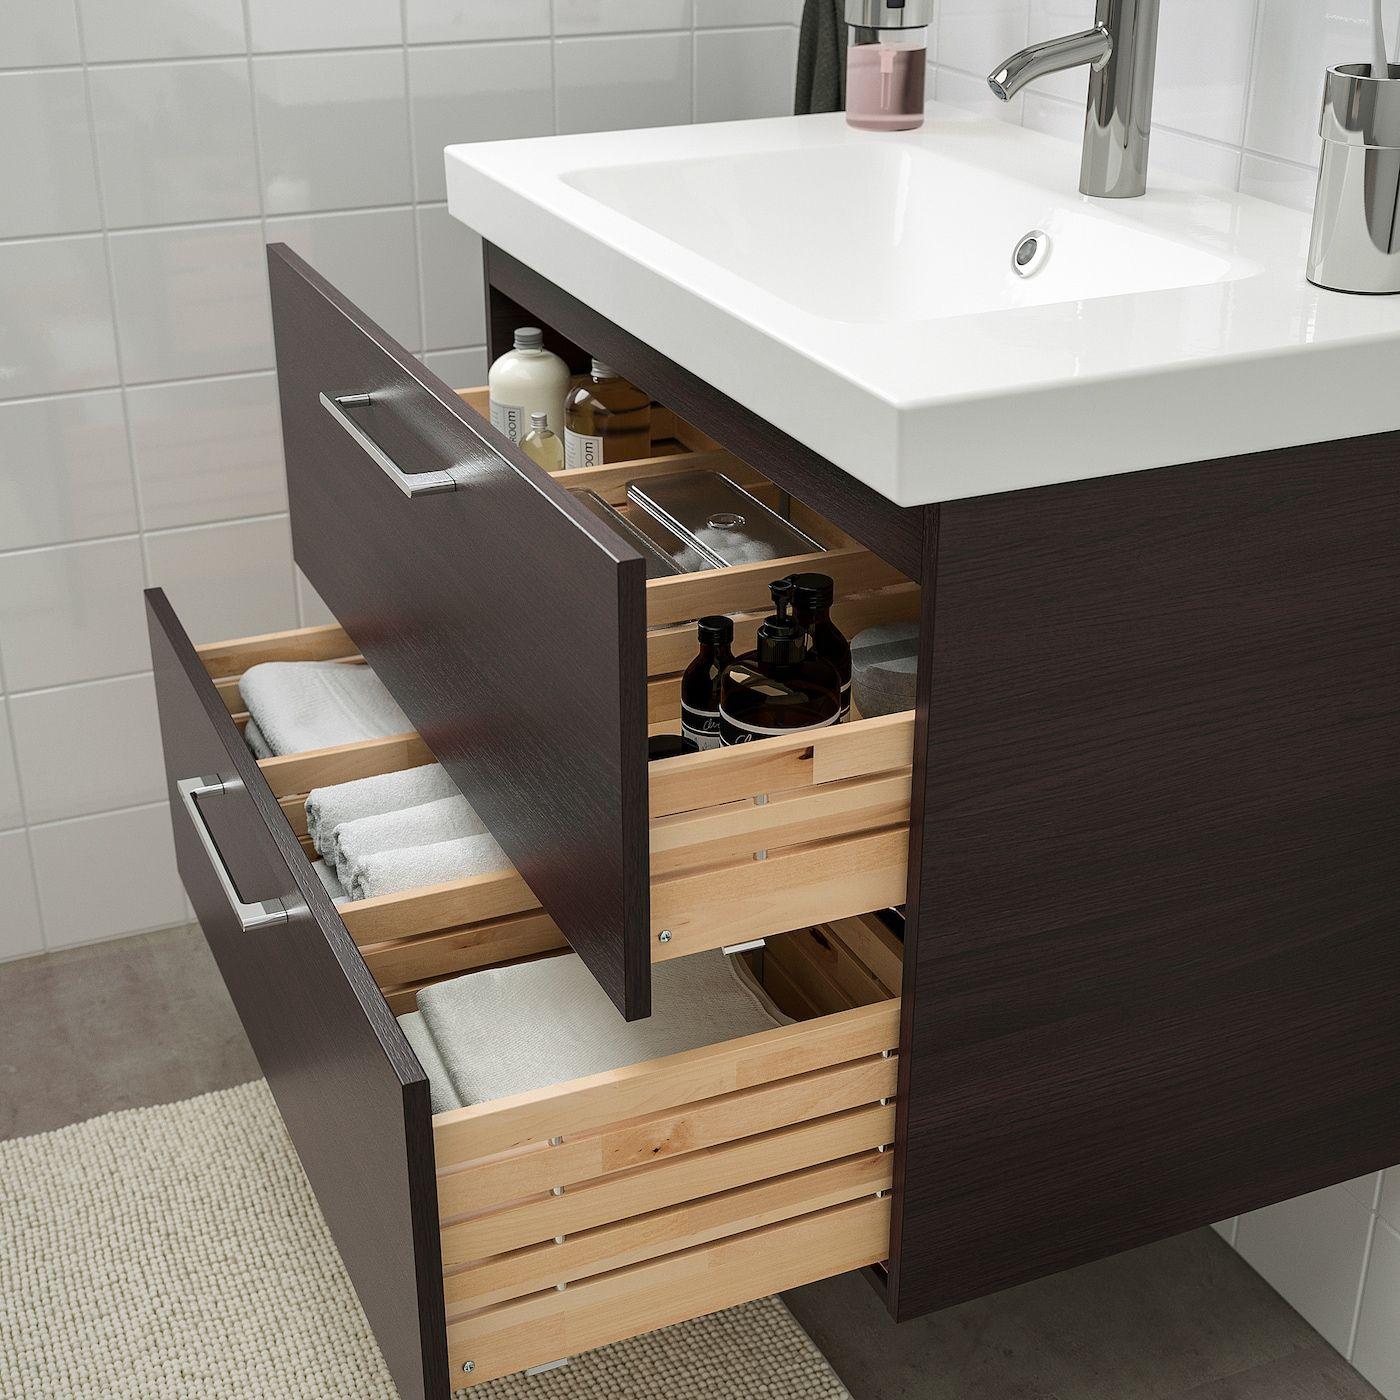 Ikea Godmorgon Odensvik Badeinrichtung 4 Teilig Schwarzbraun Dalskar Mischbatterie In 2020 Ikea Godmorgon Bad Einrichten Badezimmer Schwarz